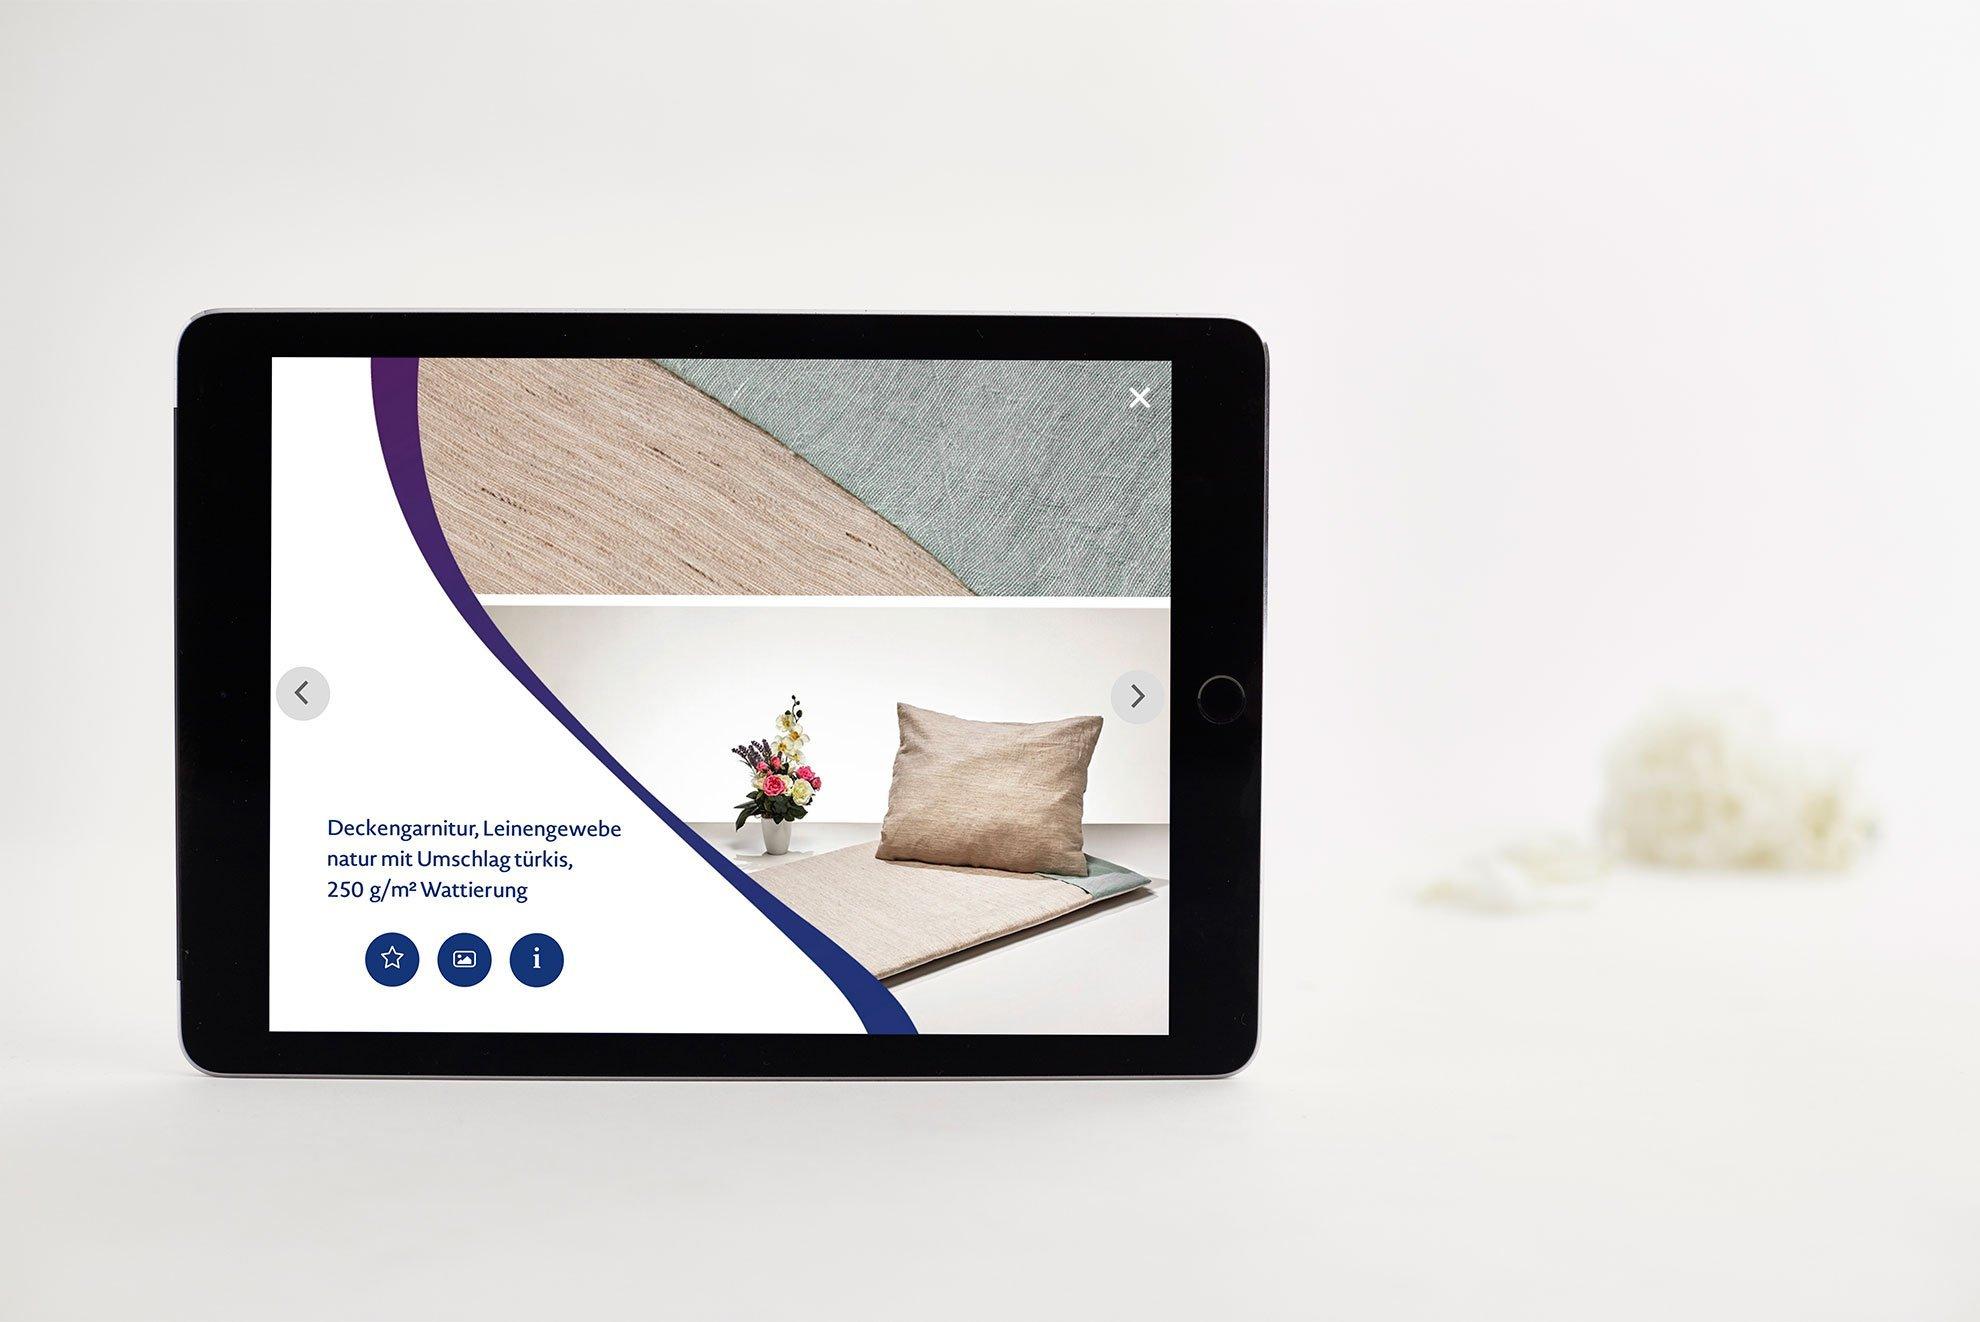 iPad App - Spalt Corporate Design